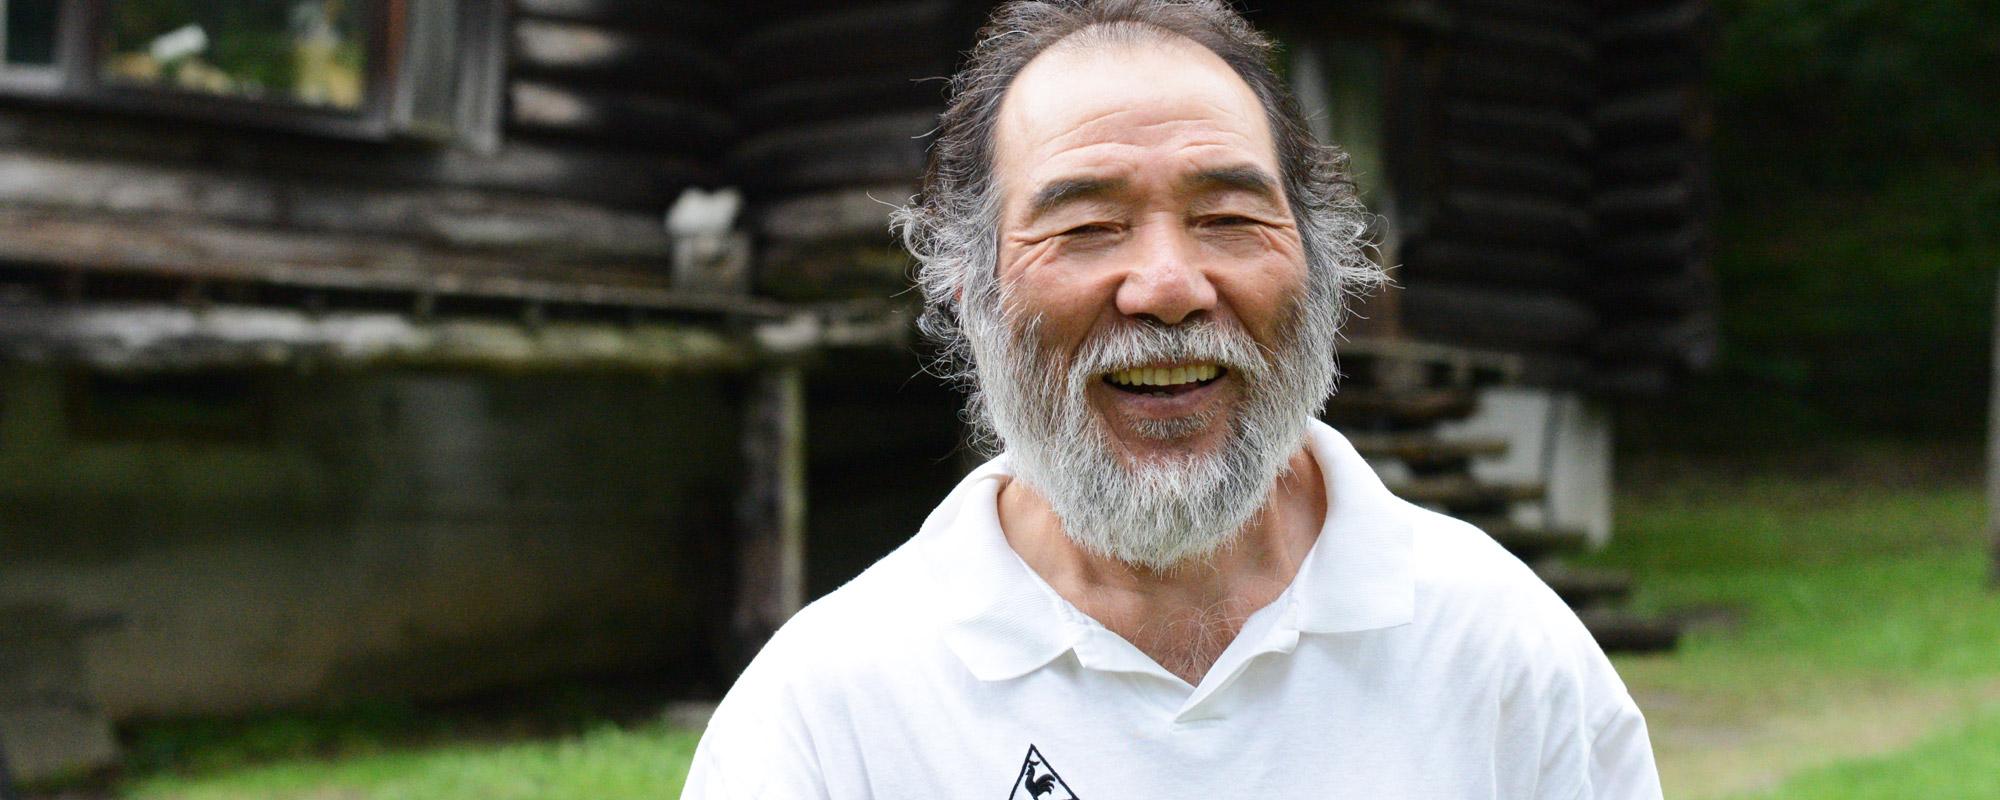 弘前ぐらし 移住者インタビュー 篠原牧場オーナー 篠原敏夫さん